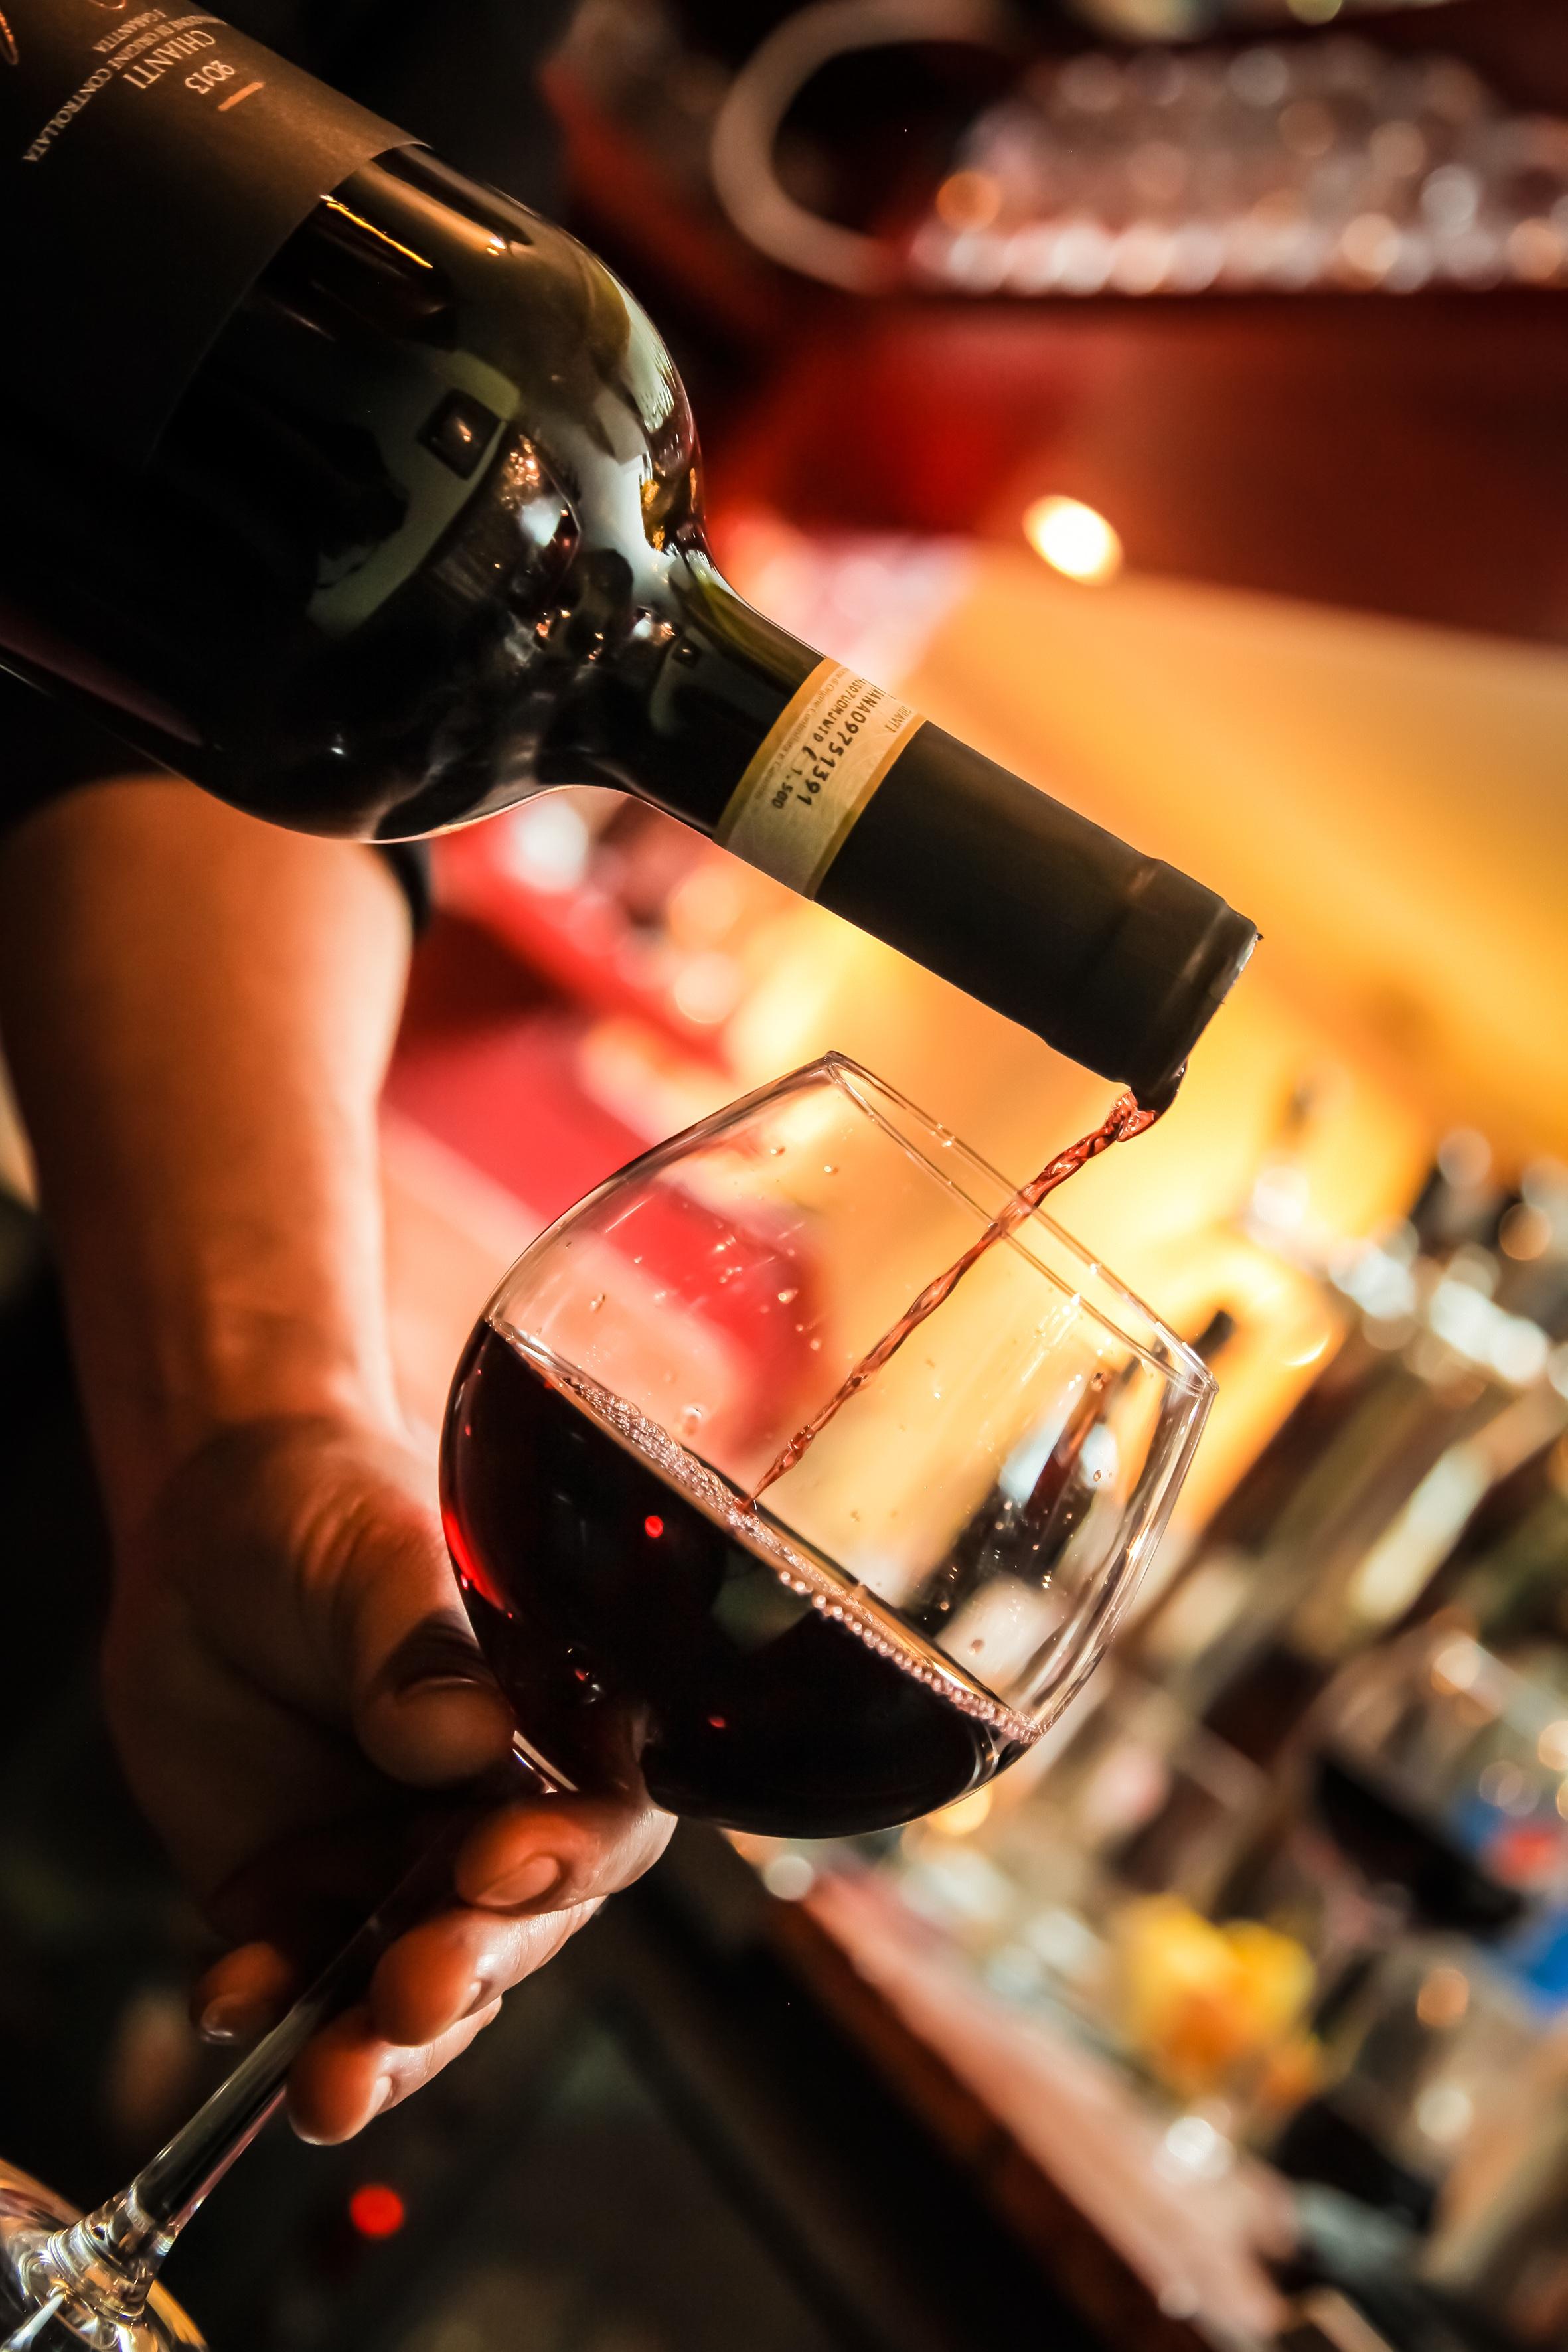 научимся, как картинки по бокальчику вина как оказалось, певица